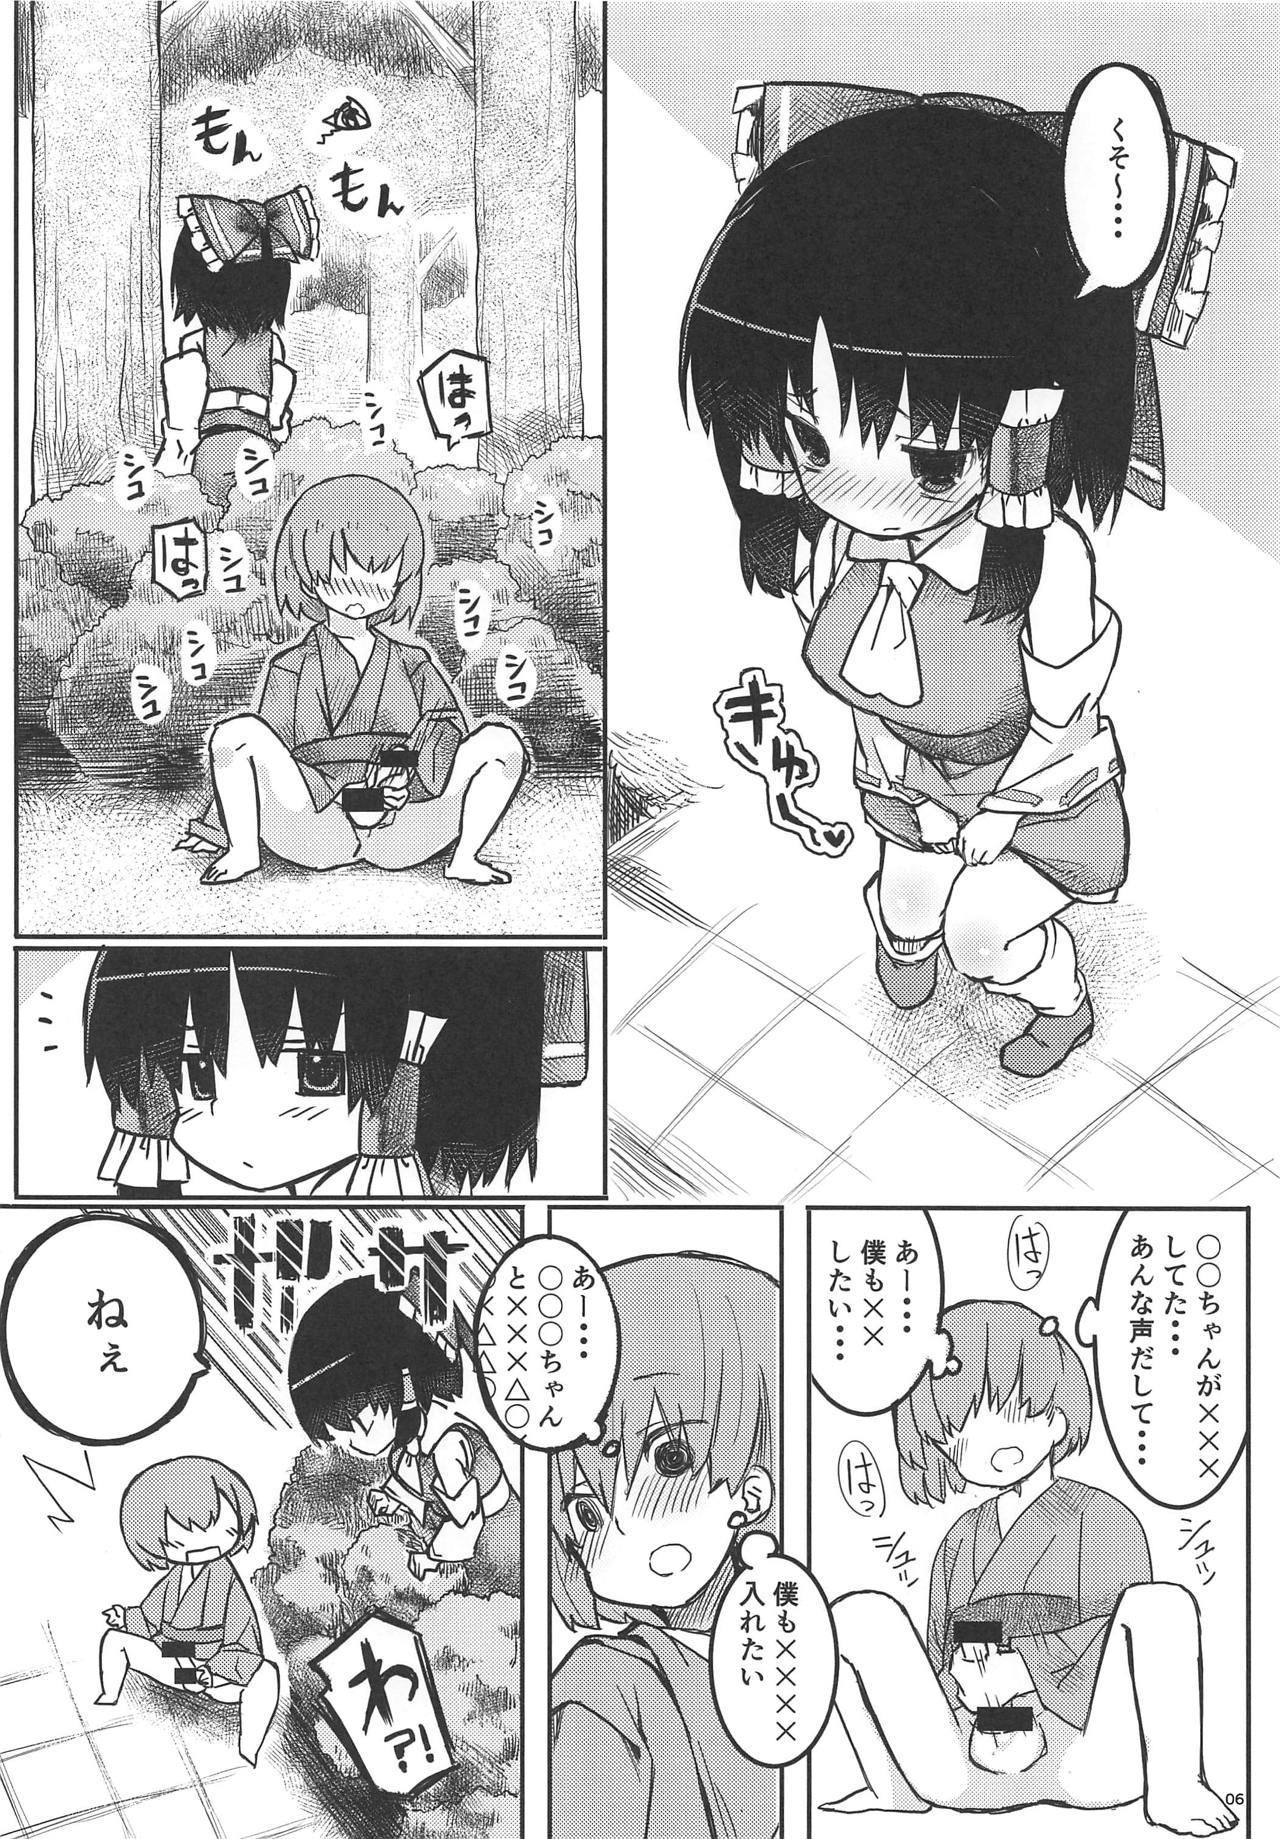 Reimu-san tteba Yarashii 5